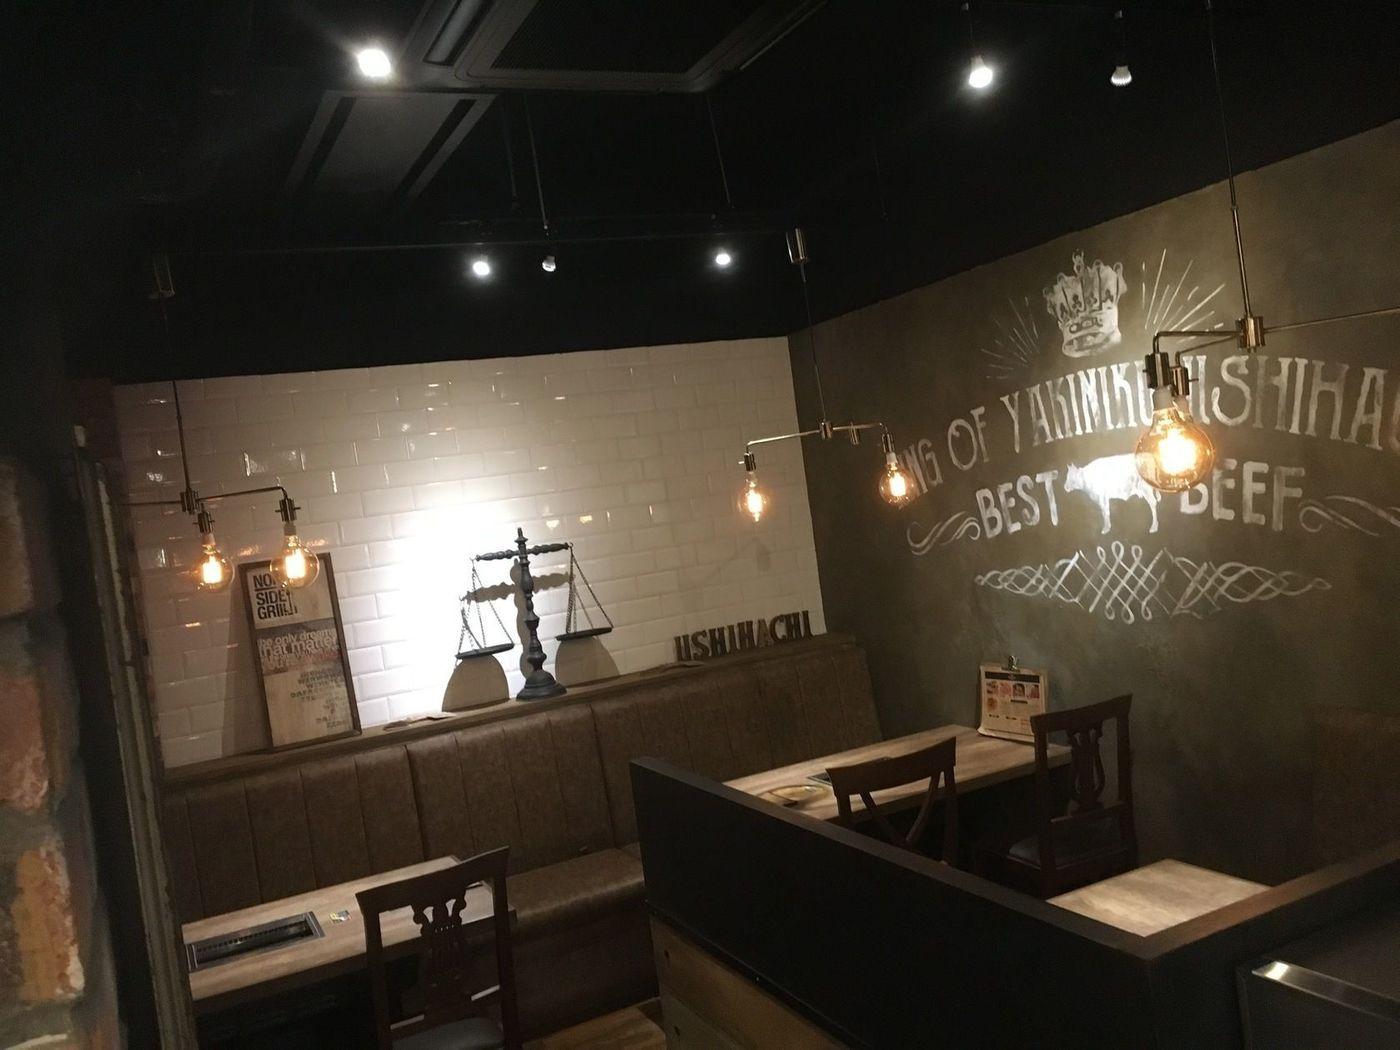 上質なグルメが食べたいあなたに!二子玉川のおすすめ店4選の画像